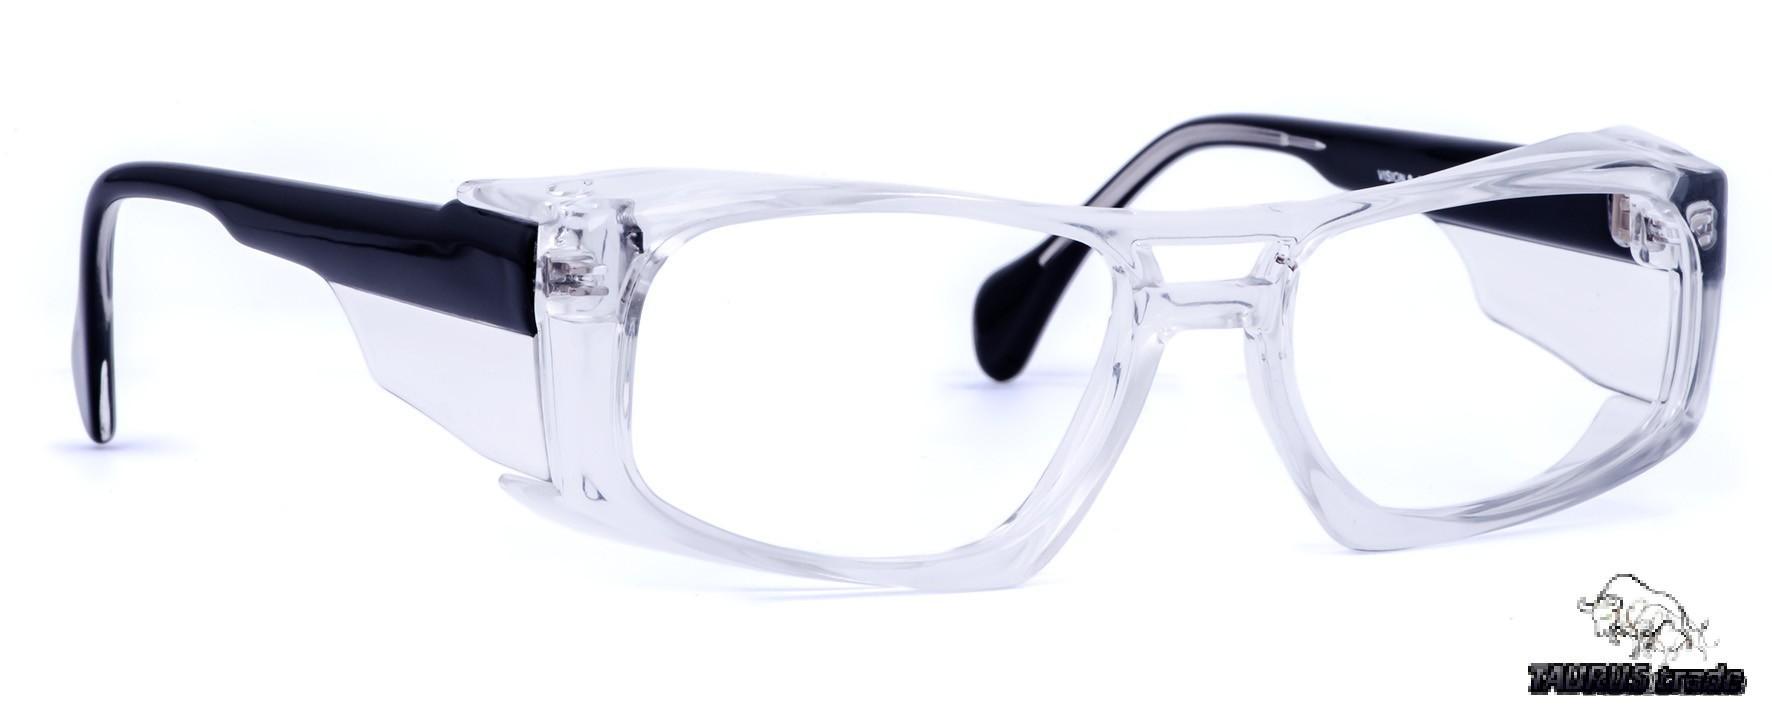 2090-09-5416-VISION-8-schwarz-kristall